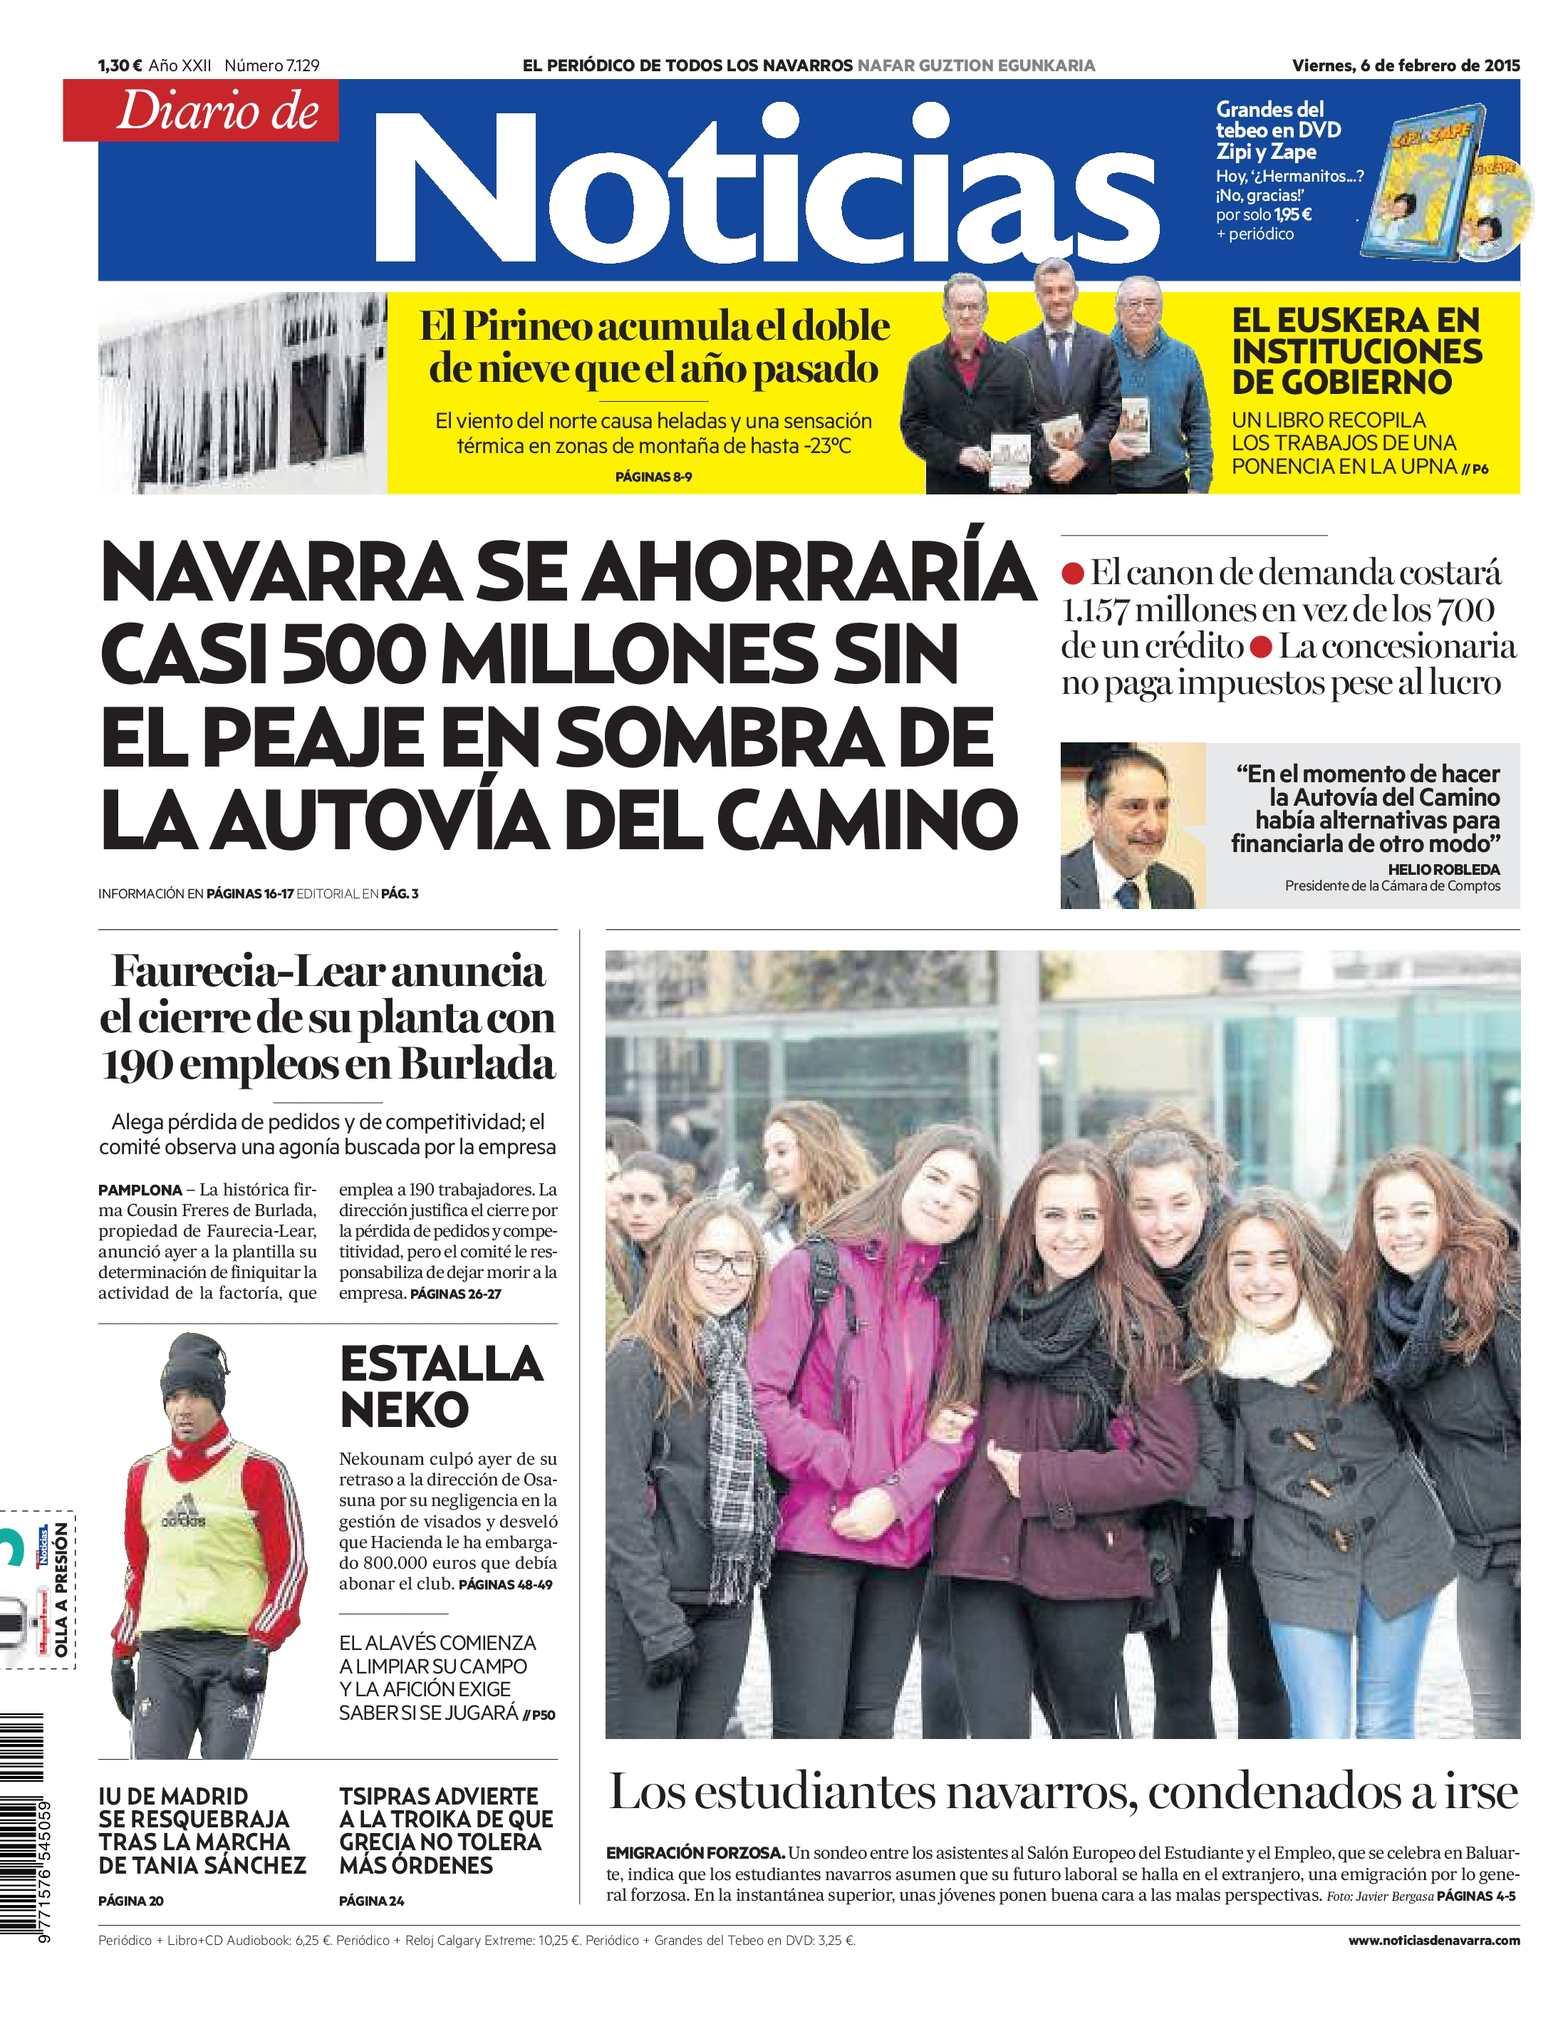 Diario de Noticias 20150206